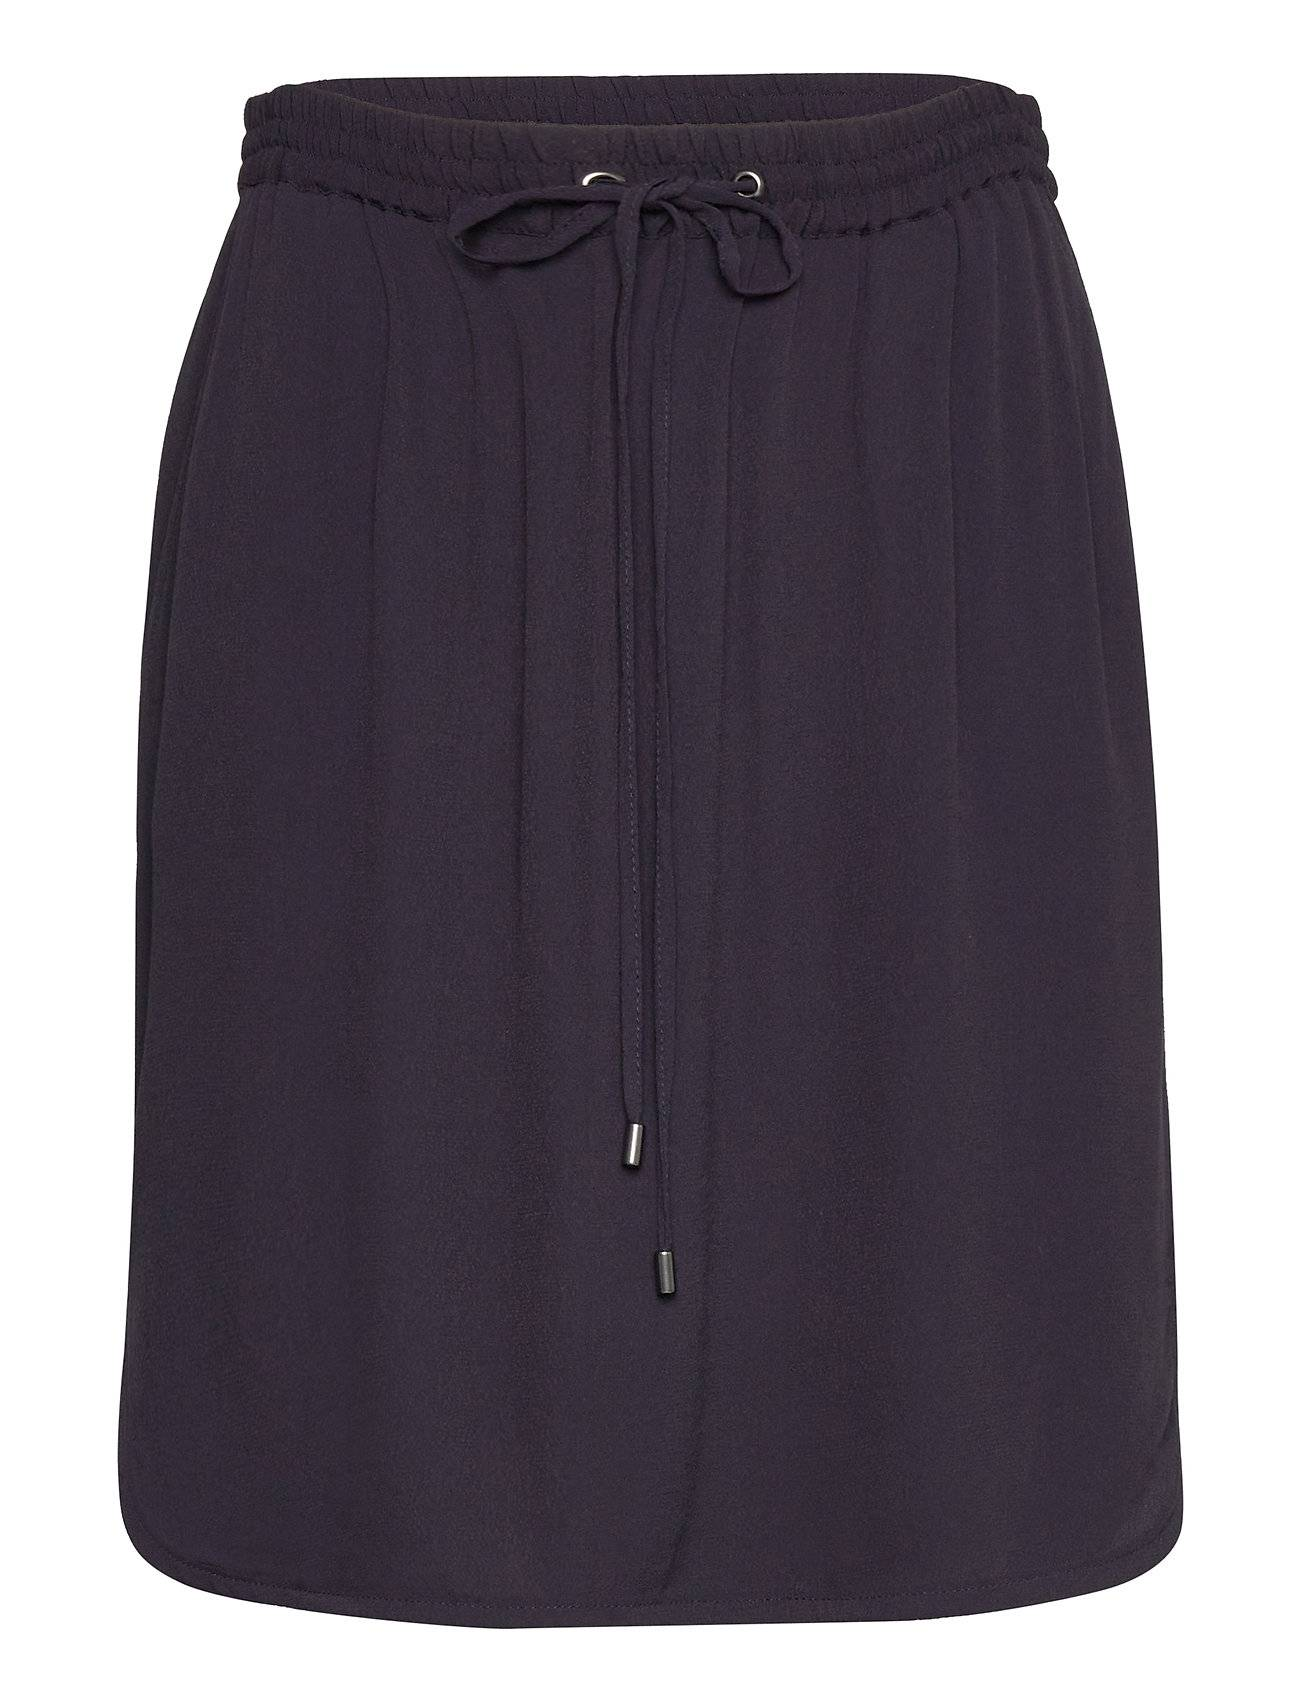 Saint Tropez R8155, Elastic Waist Skirt Lyhyt Hame Sininen Saint Tropez